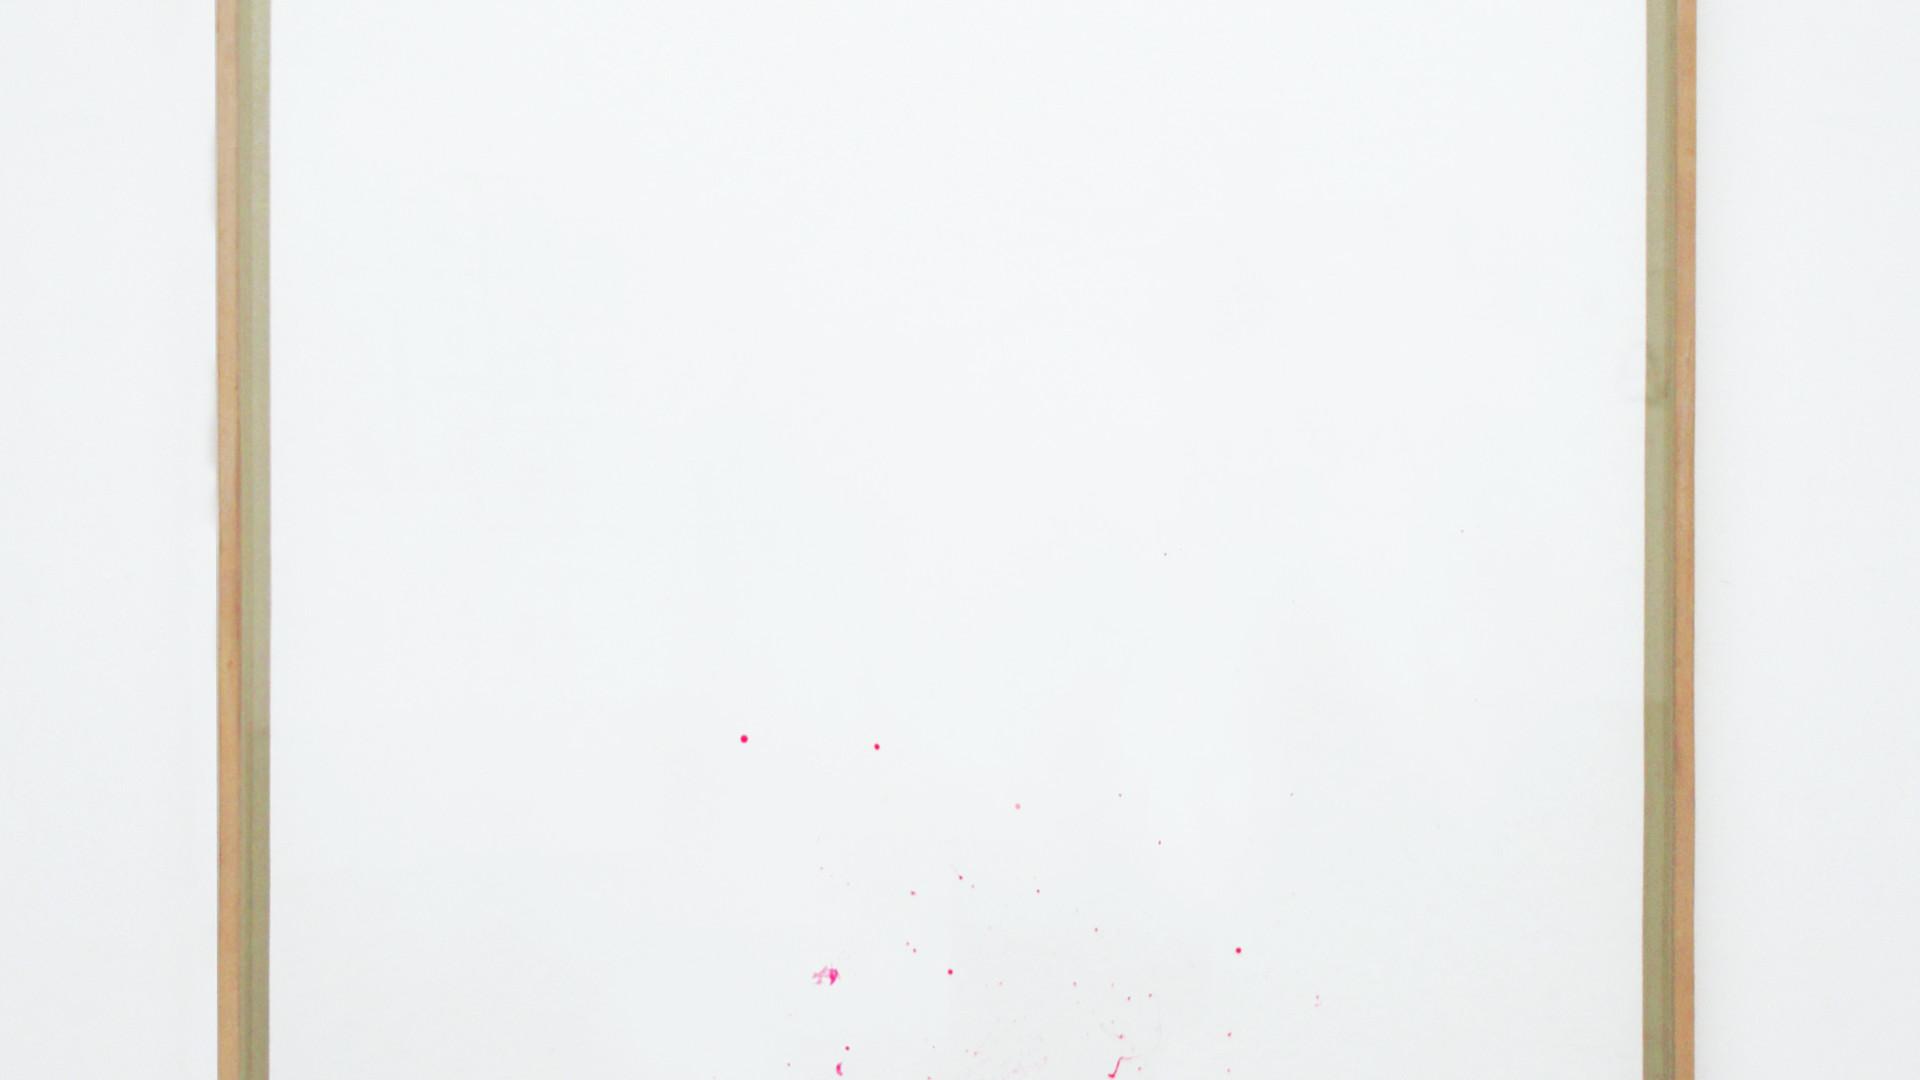 Landscape, 2017, ink on paper, 114 x 84 cm